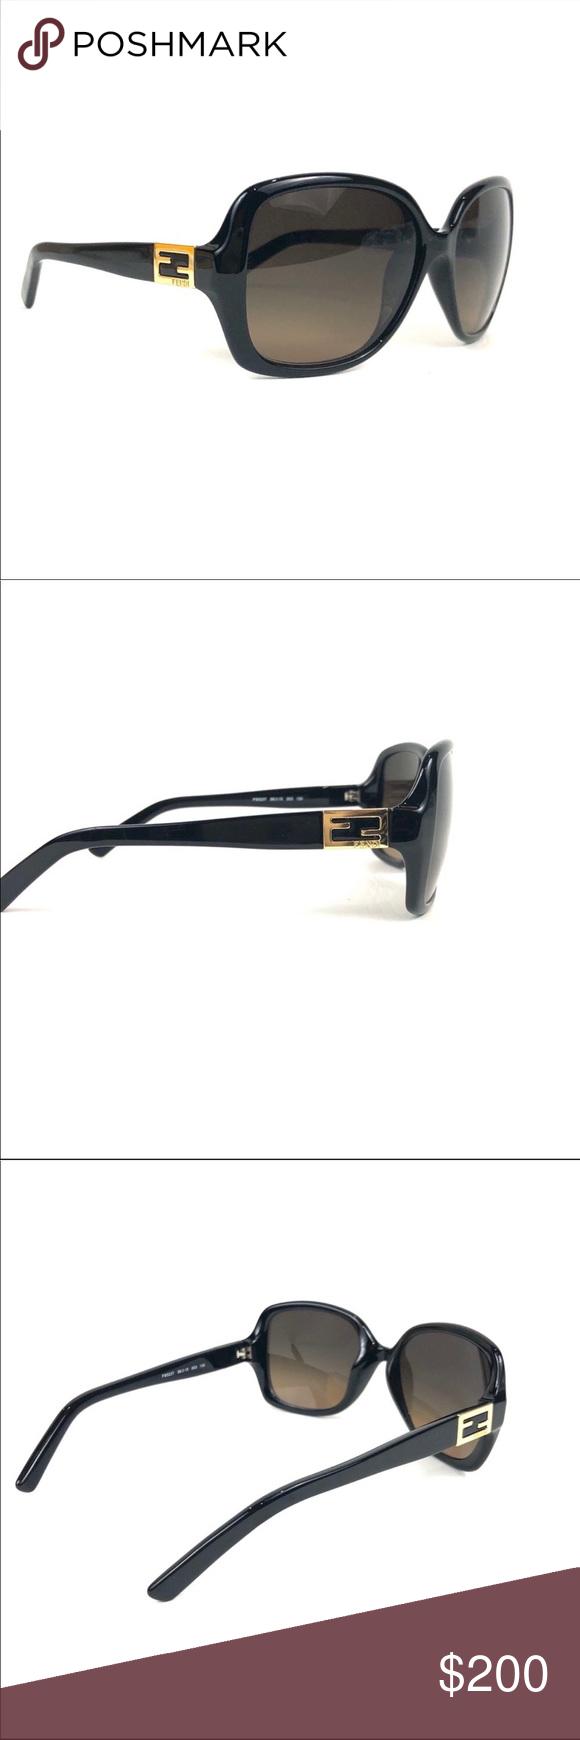 ba9c70f2aa NWT Black Fendi sunglasses NWT Fendi Black Sunglasses Style FS 5227 Black  Come with box paperwork and case Fendi Accessories Sunglasses